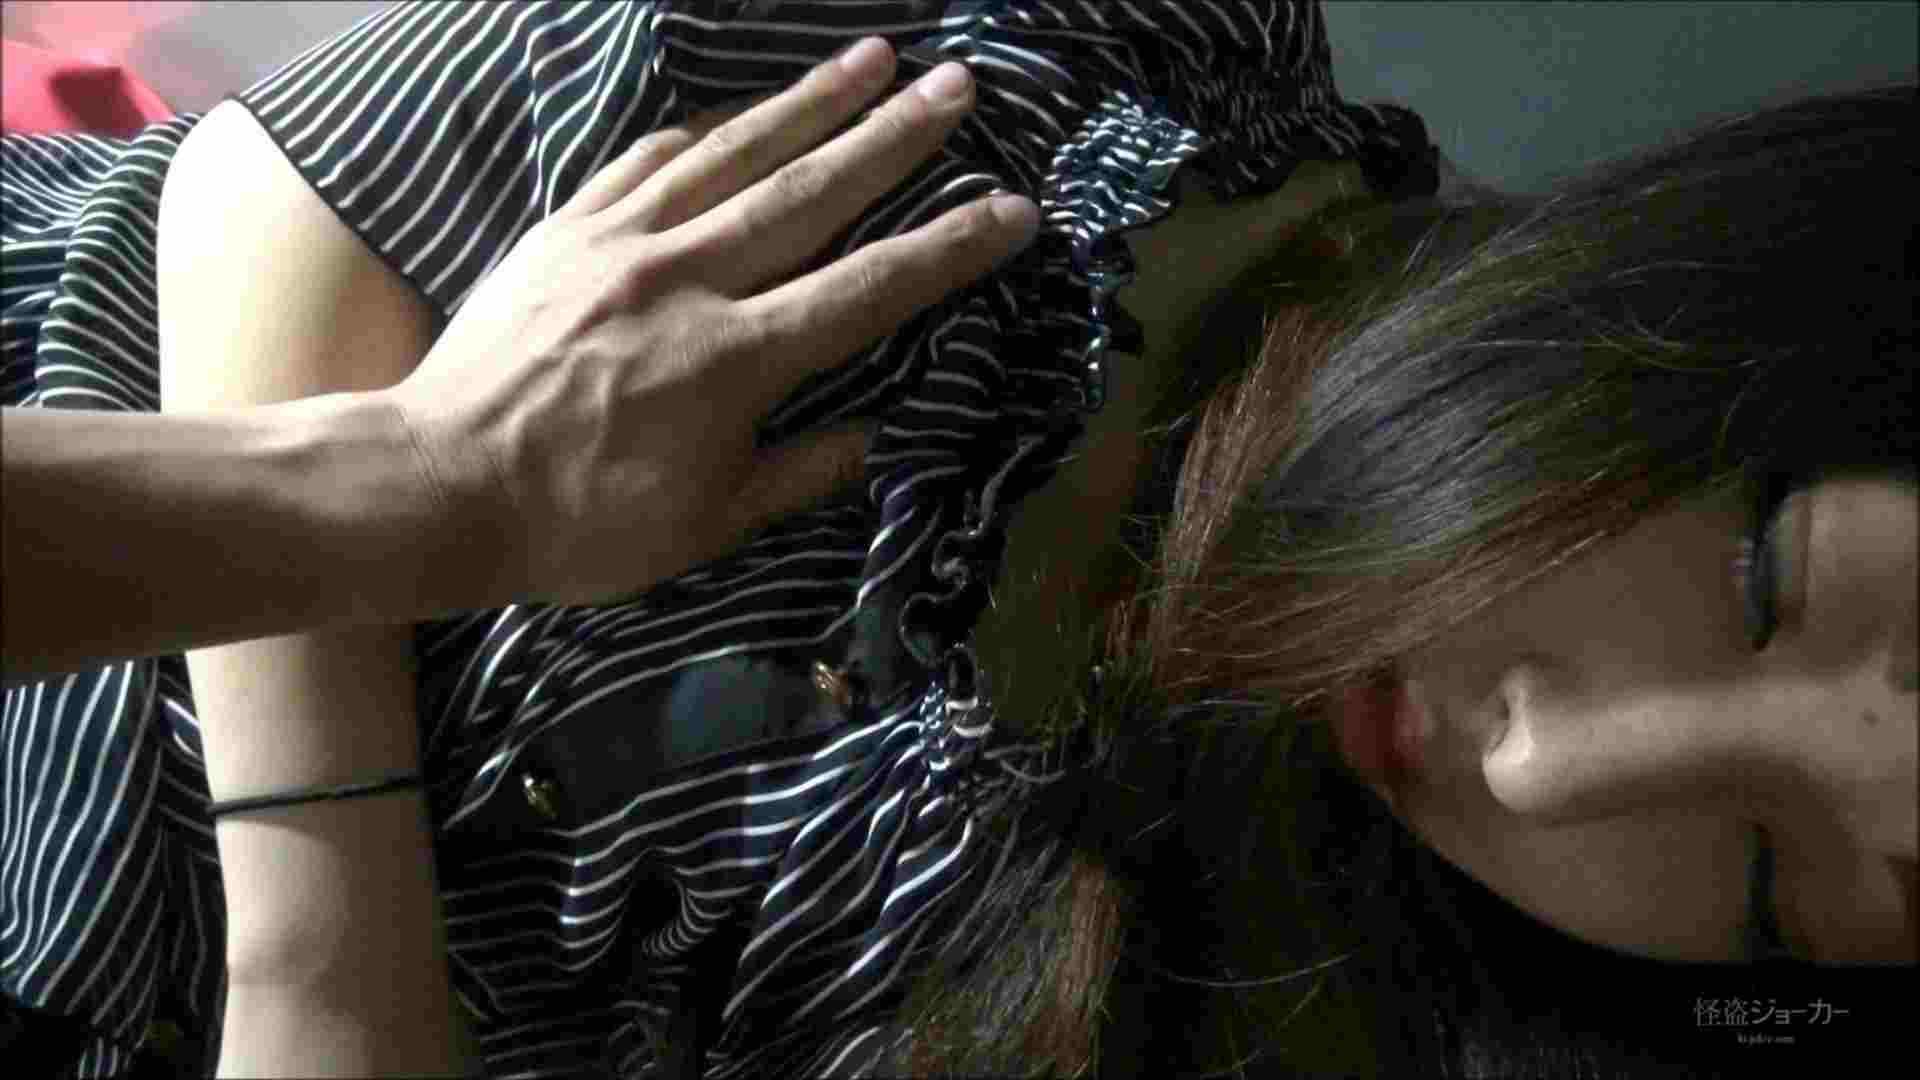 【未公開】vol.89 {黒髪女子18歳}押しに弱いYURIちゃん。 ギャル盗撮映像 ヌード画像 66PIX 32